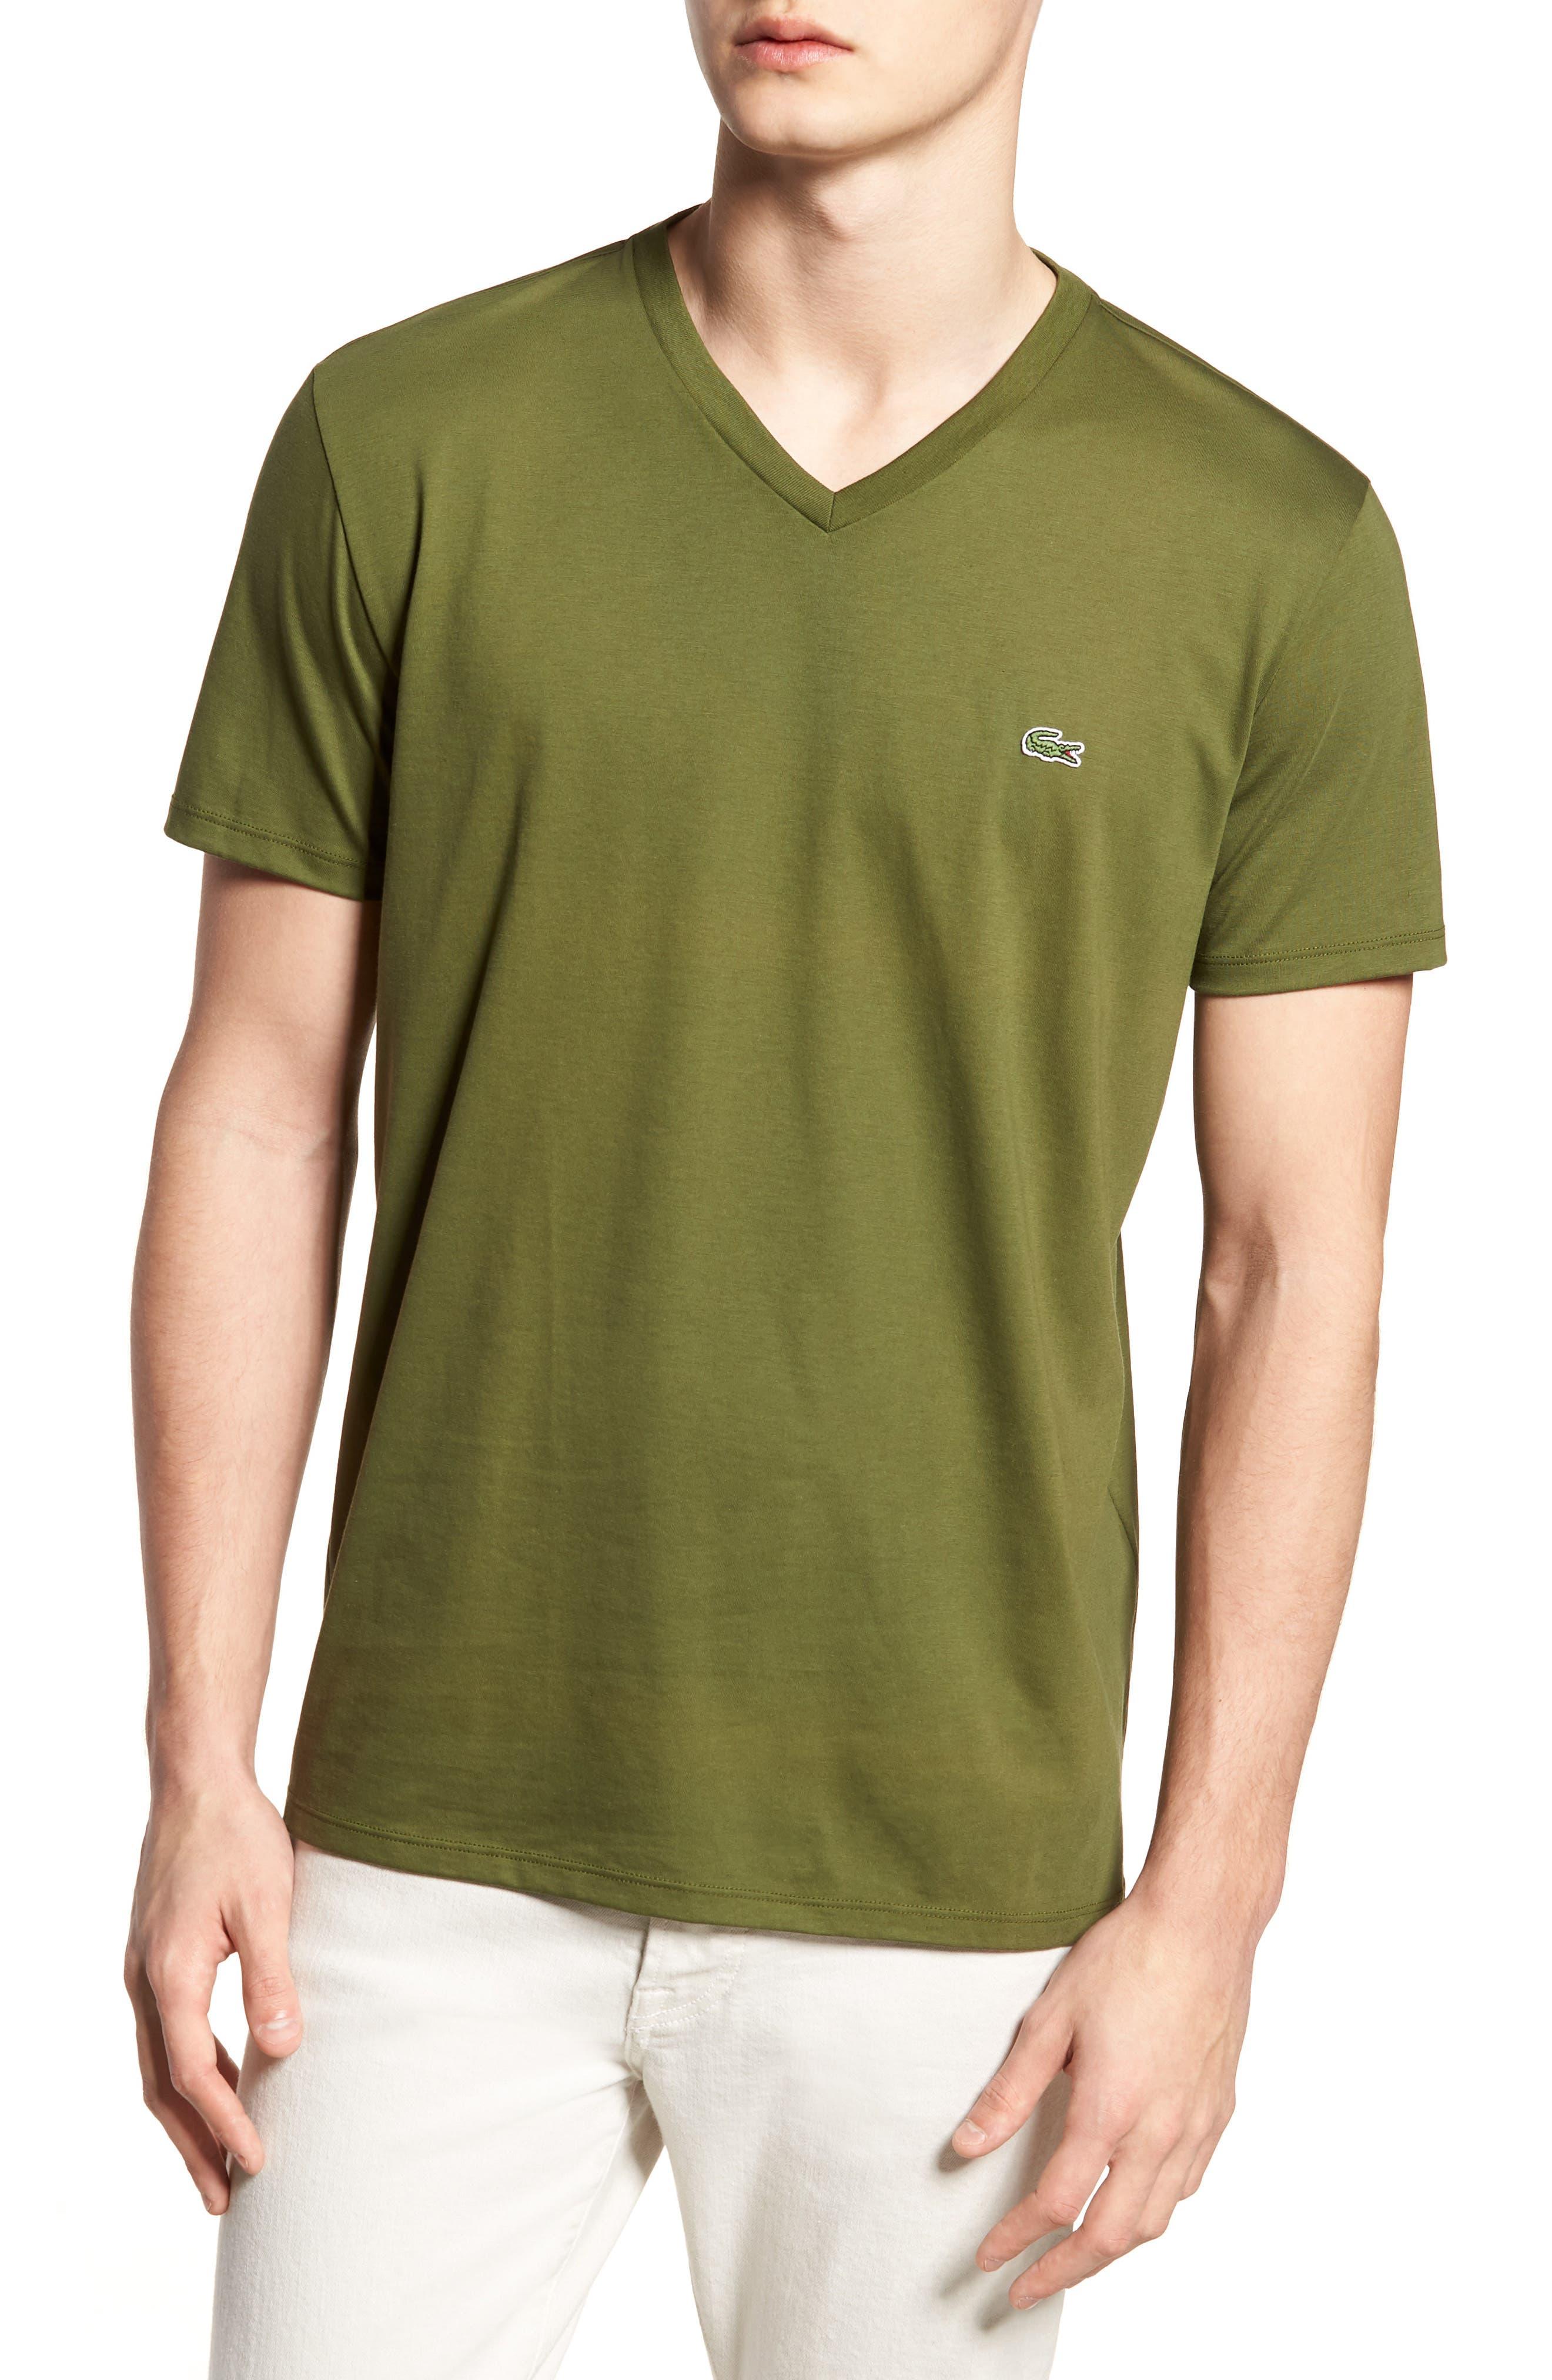 V-Neck Cotton T-Shirt, Main, color, 305